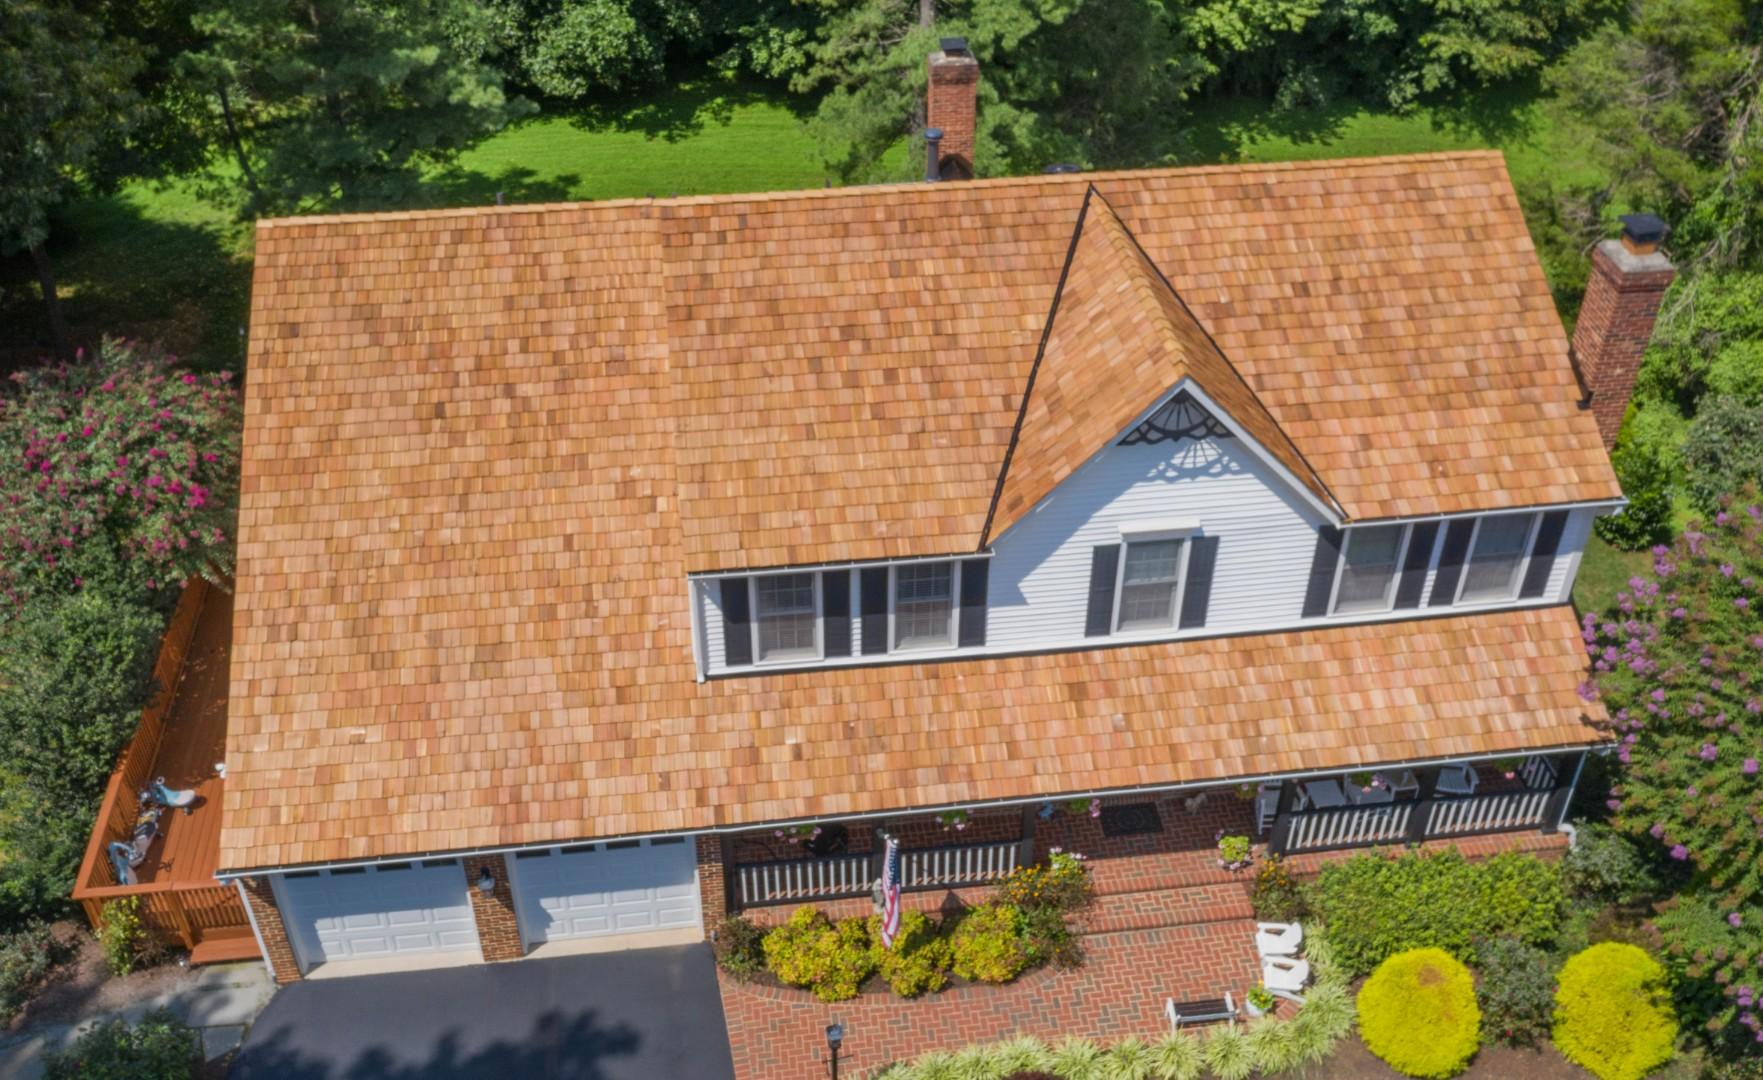 SmartRoof - Residential, Commercial Pennsauken NJ Roofing Contractors